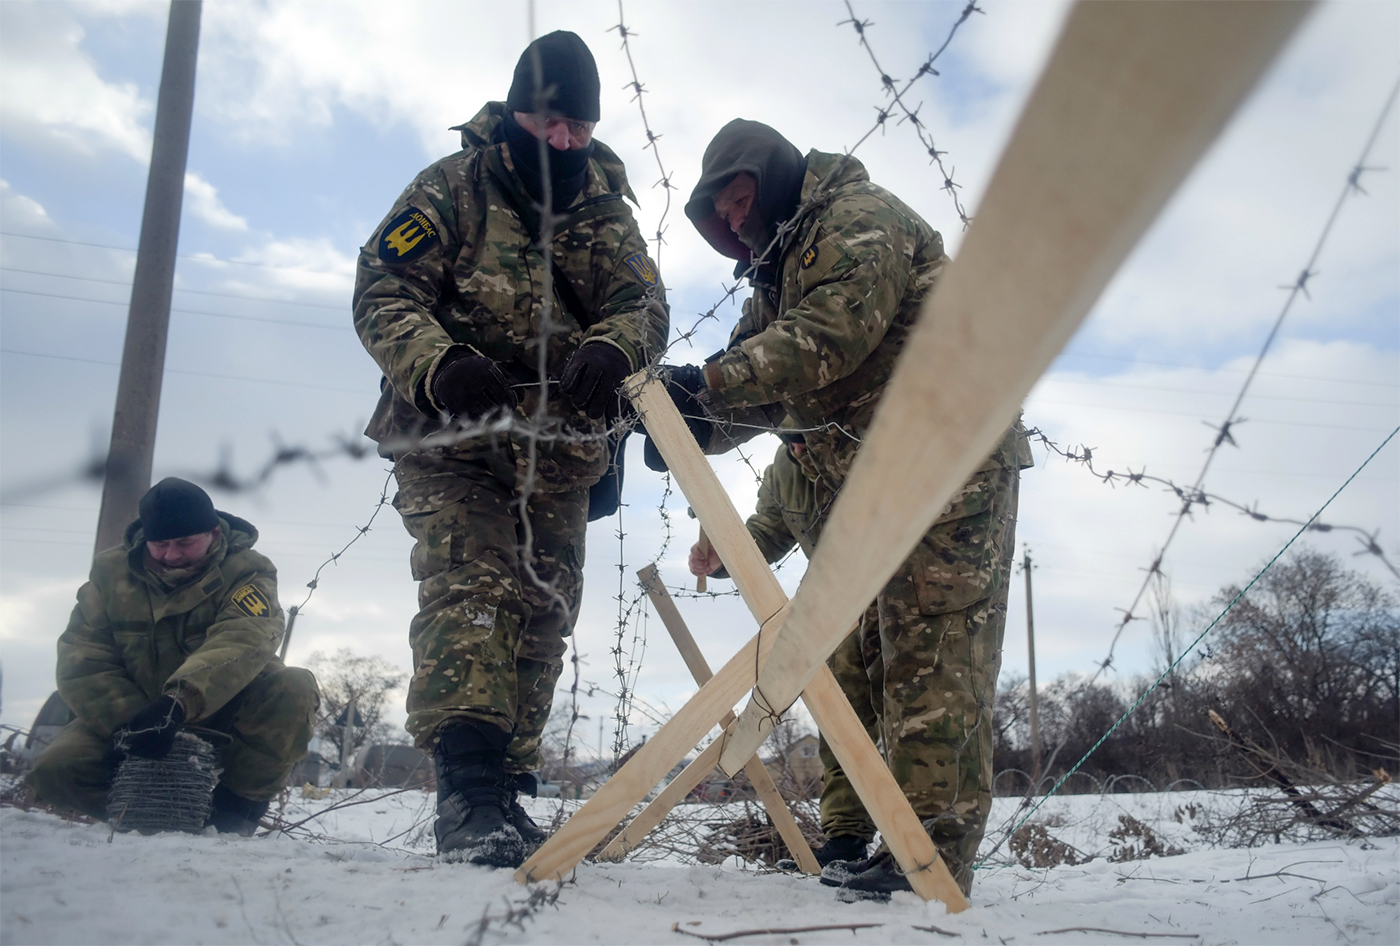 Руководитель ДНР объявил торговую блокаду Киеву